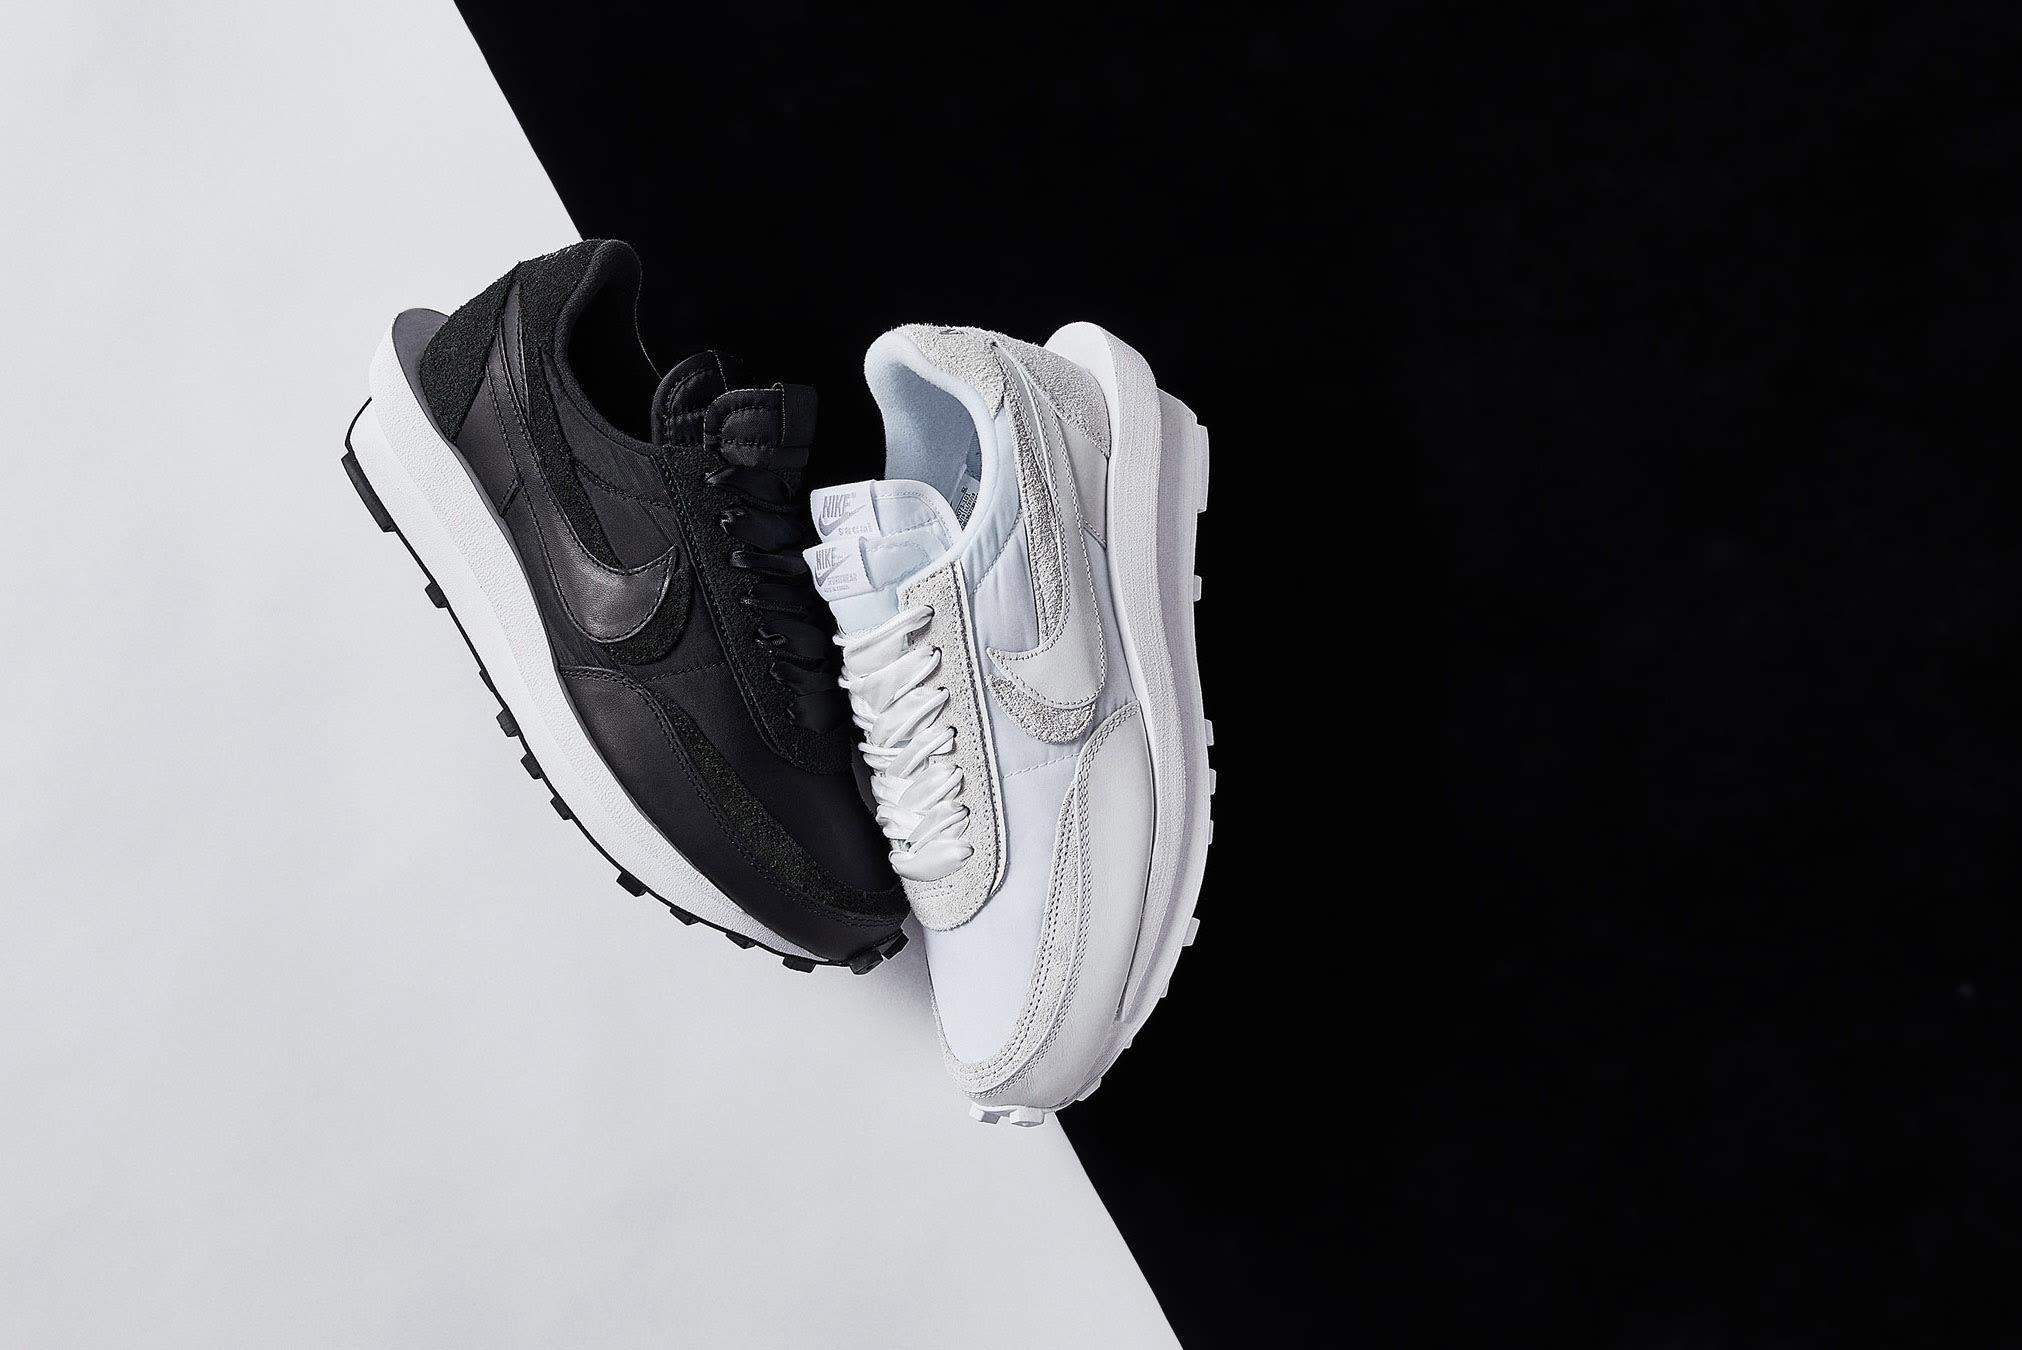 Nike x Sacai LDWaffle - BV0073-101 +  BV0073-002